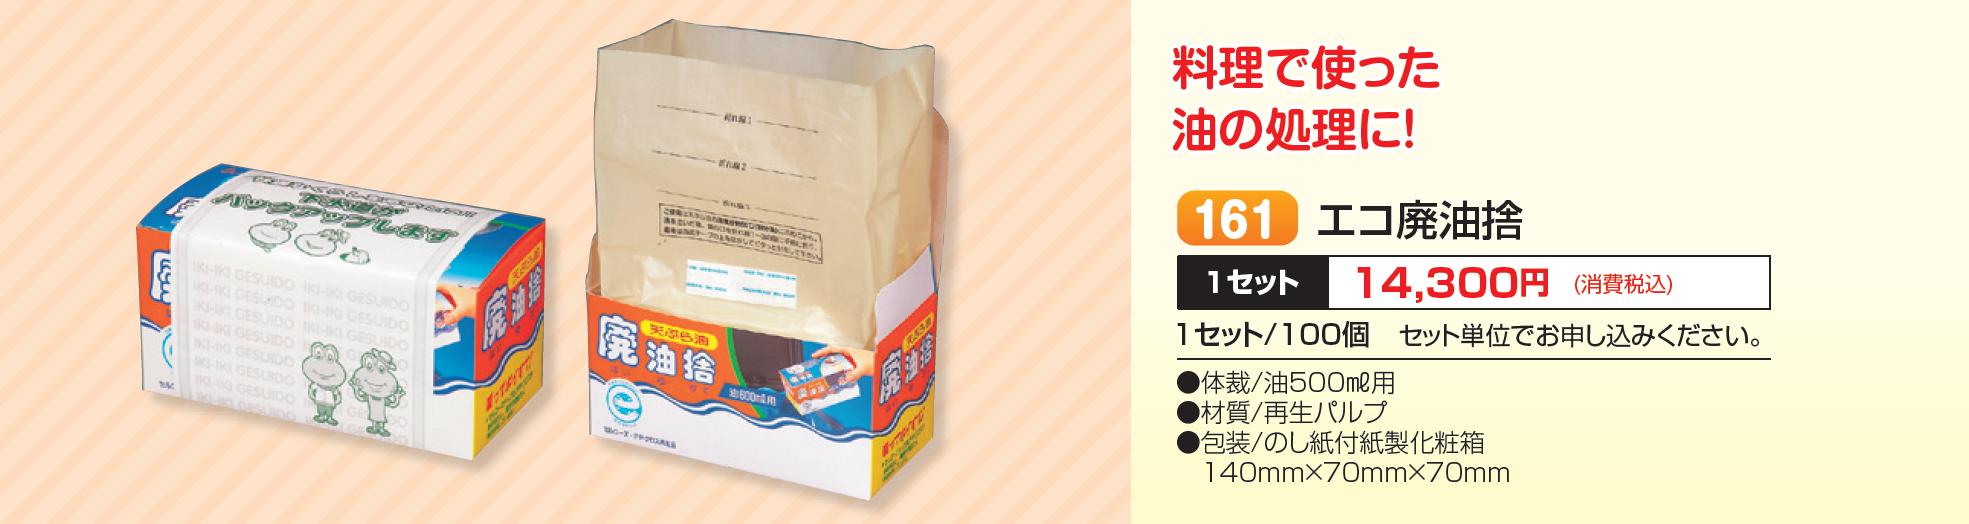 【製品No.161】エコ廃油捨